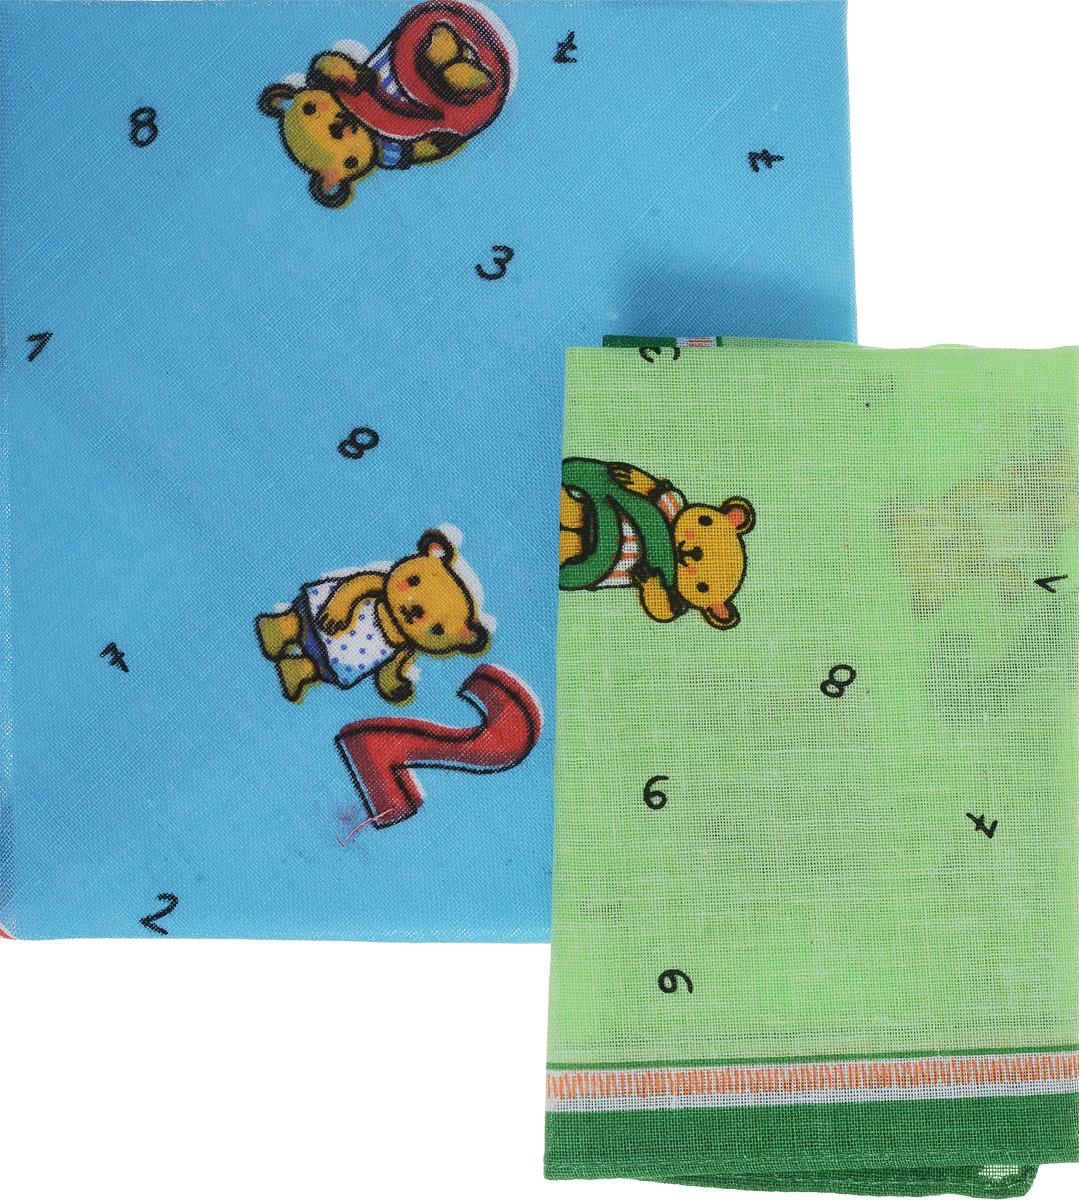 Платок носовой детский Zlata Korunka, цвет: голубой, зеленый. 40230-26. Размер 21 х 21 см, 2 штАжурная брошьДетский носовой платок Zlata Korunka изготовлен из высококачественного натурального хлопка, благодаря чему приятен в использовании. Платок хорошо стирается, не садится и отлично впитывает влагу. Платочек декорирован оригинальным принтом. В комплекте 2 платка.